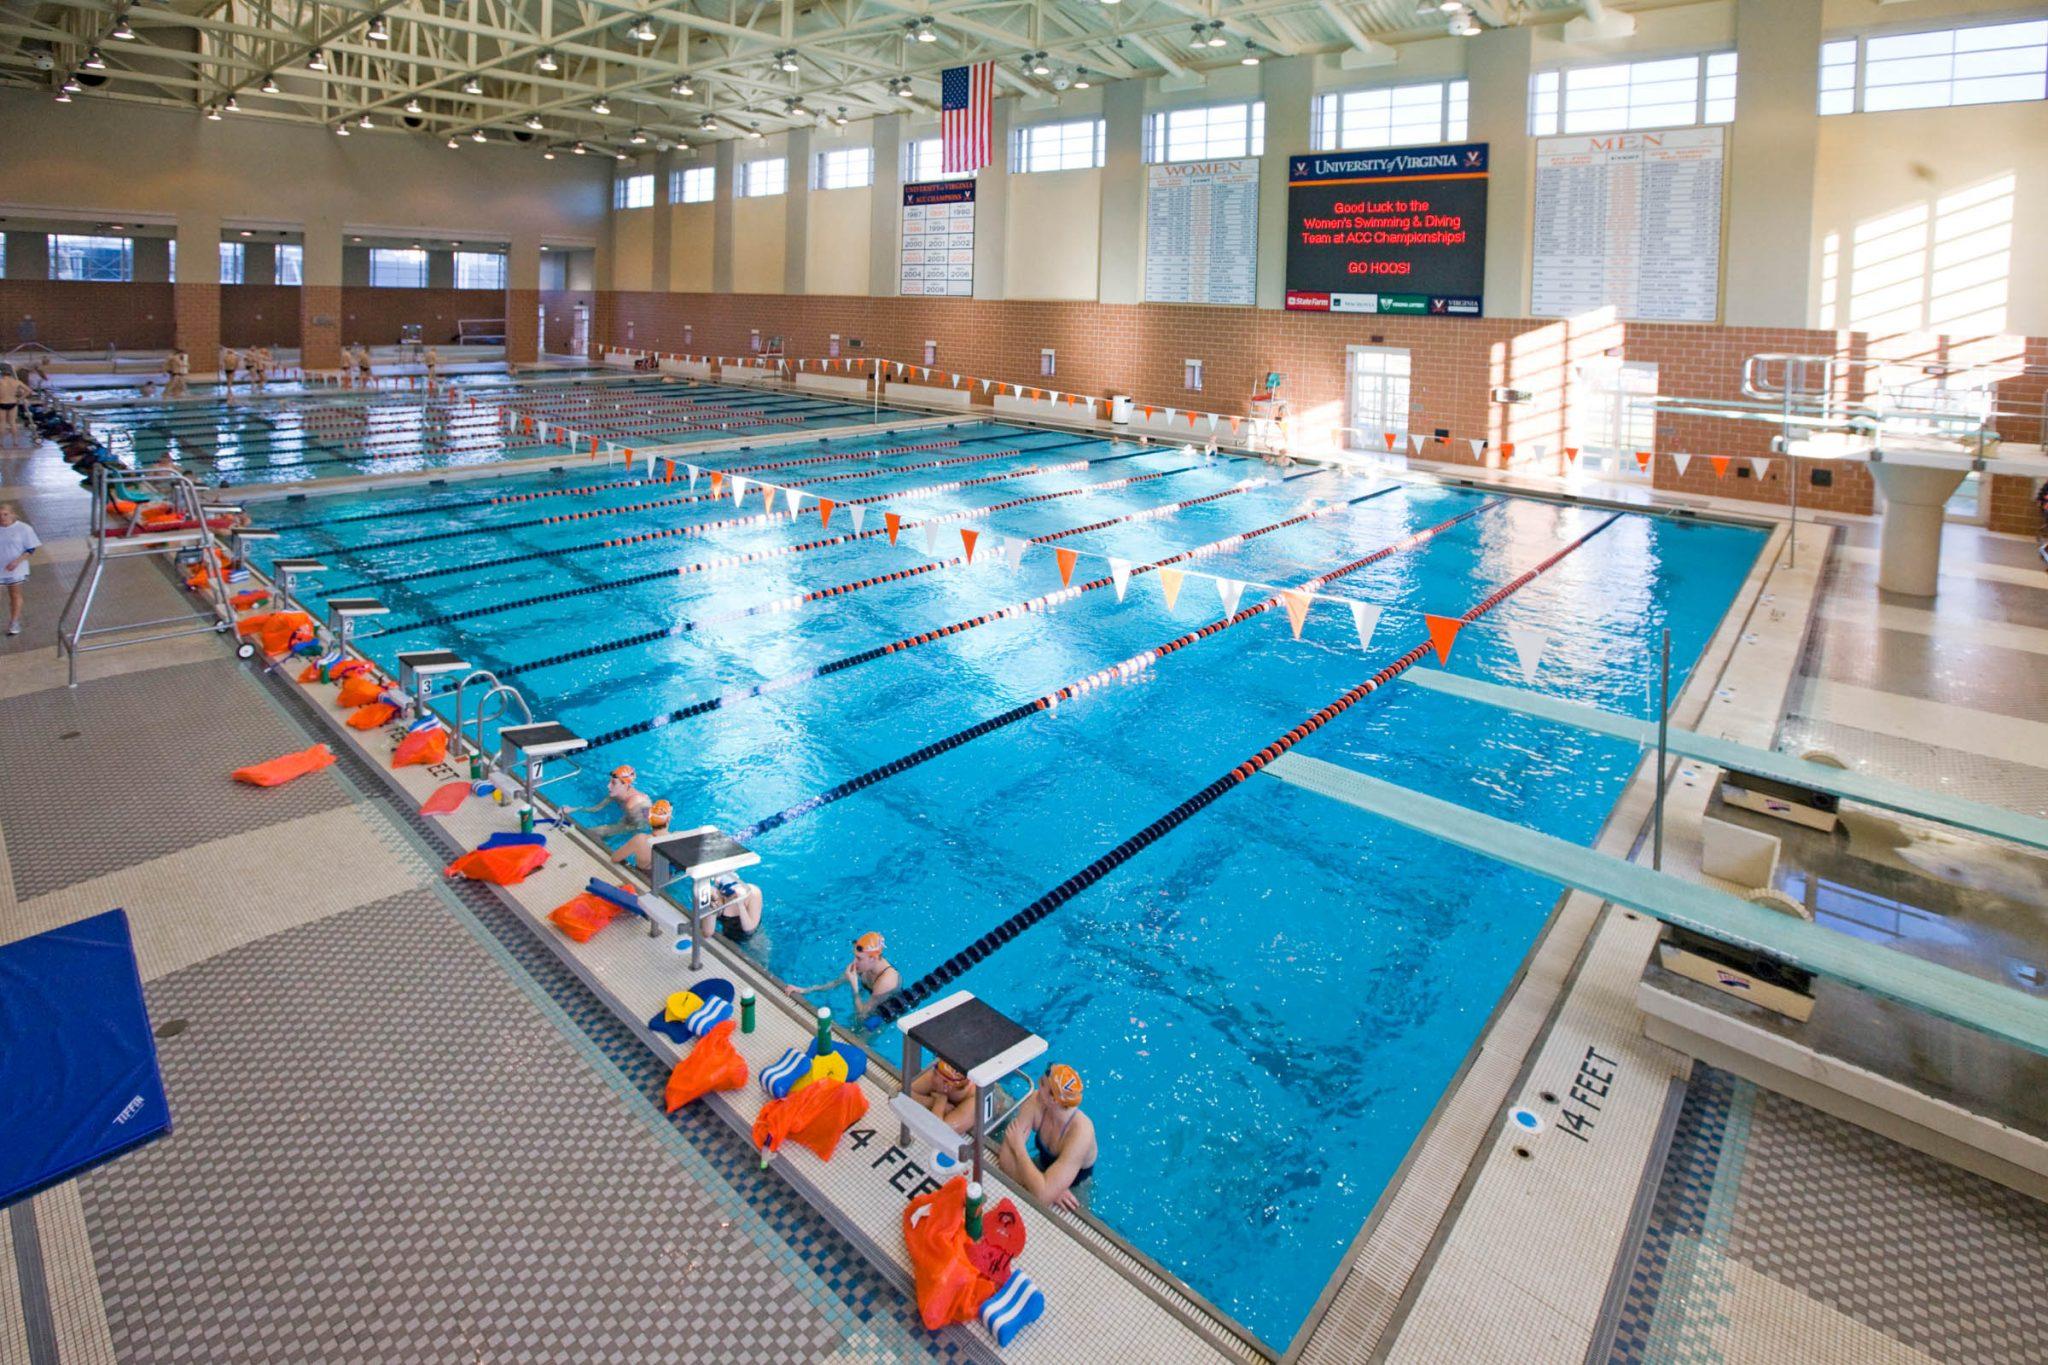 UVA Aquatic and Fitness Center Natatorium